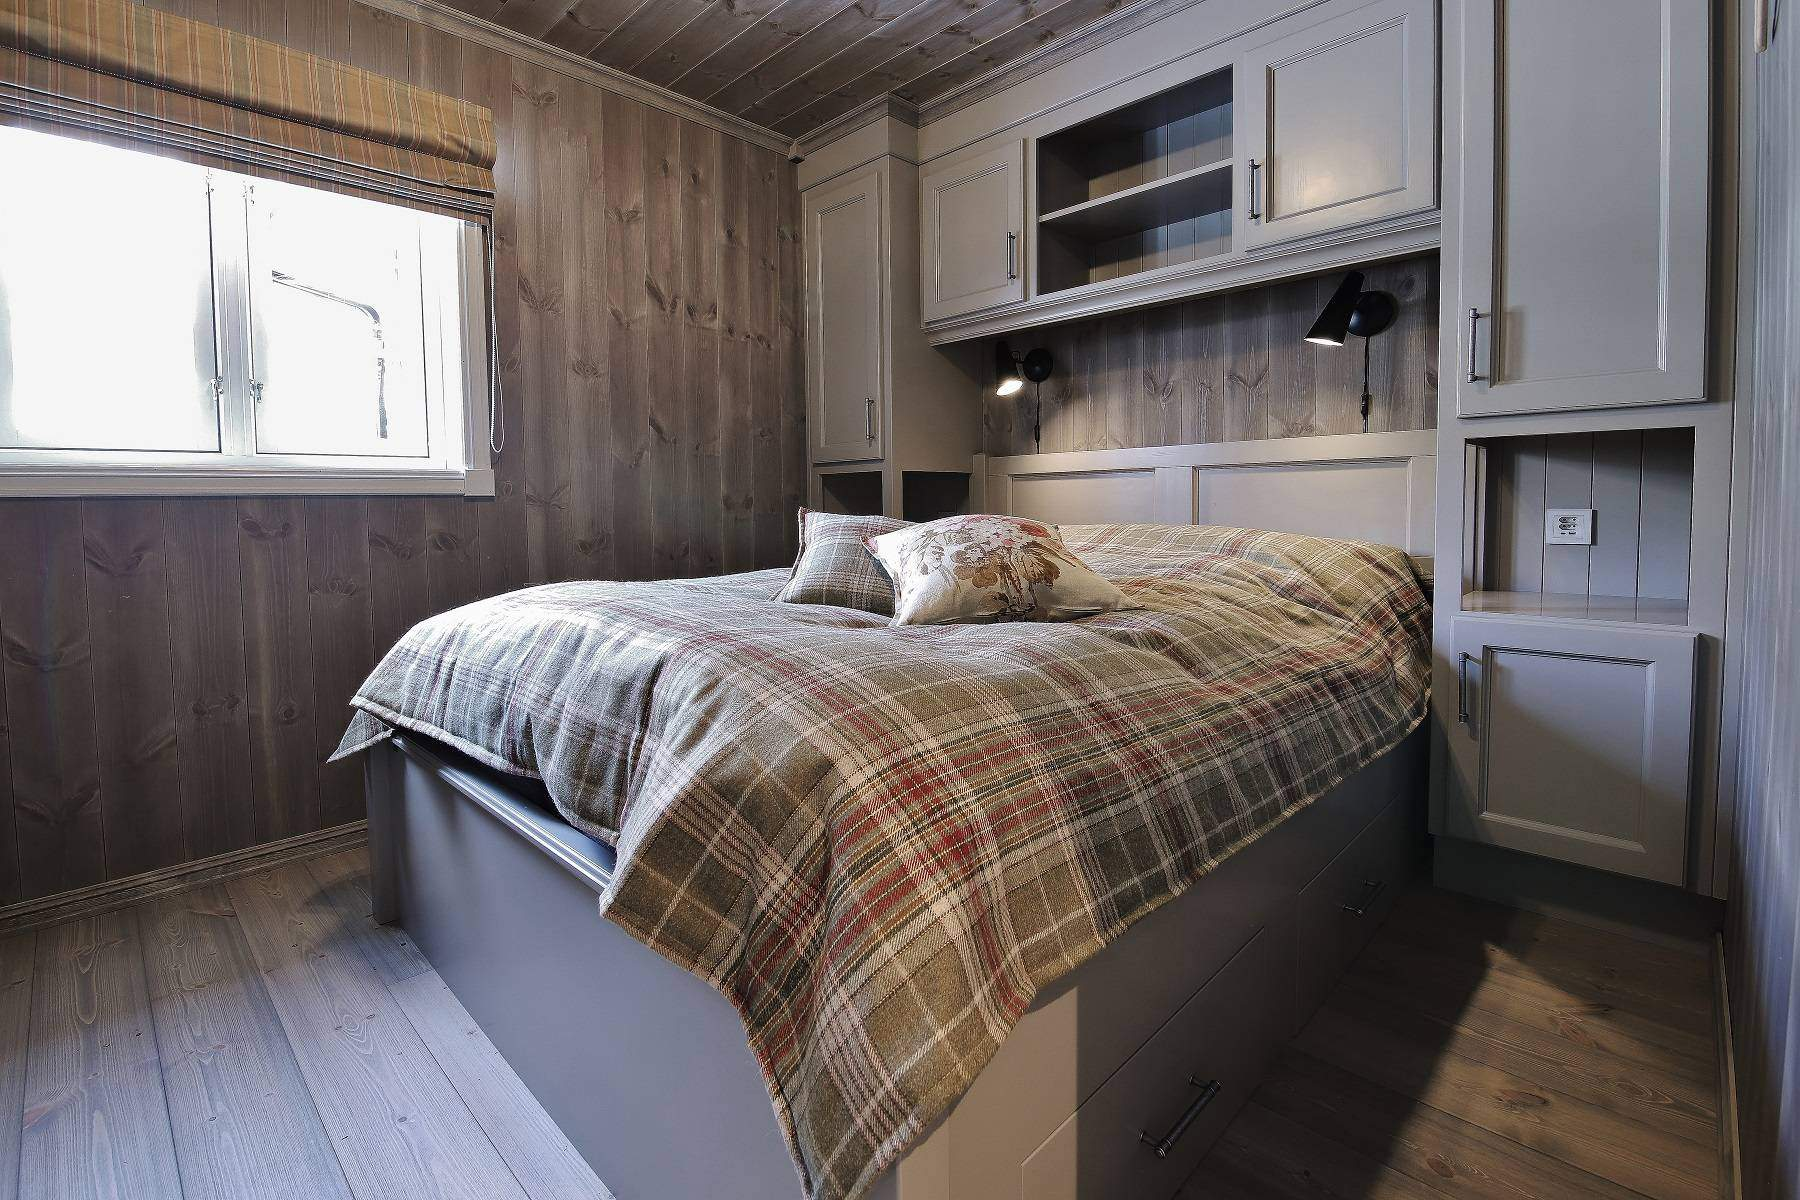 420 Hyttemodell Hytte Strynsfjell 122 Tiurtoppen Hytter. Soverom nr 4 med plass til dobbeltseng